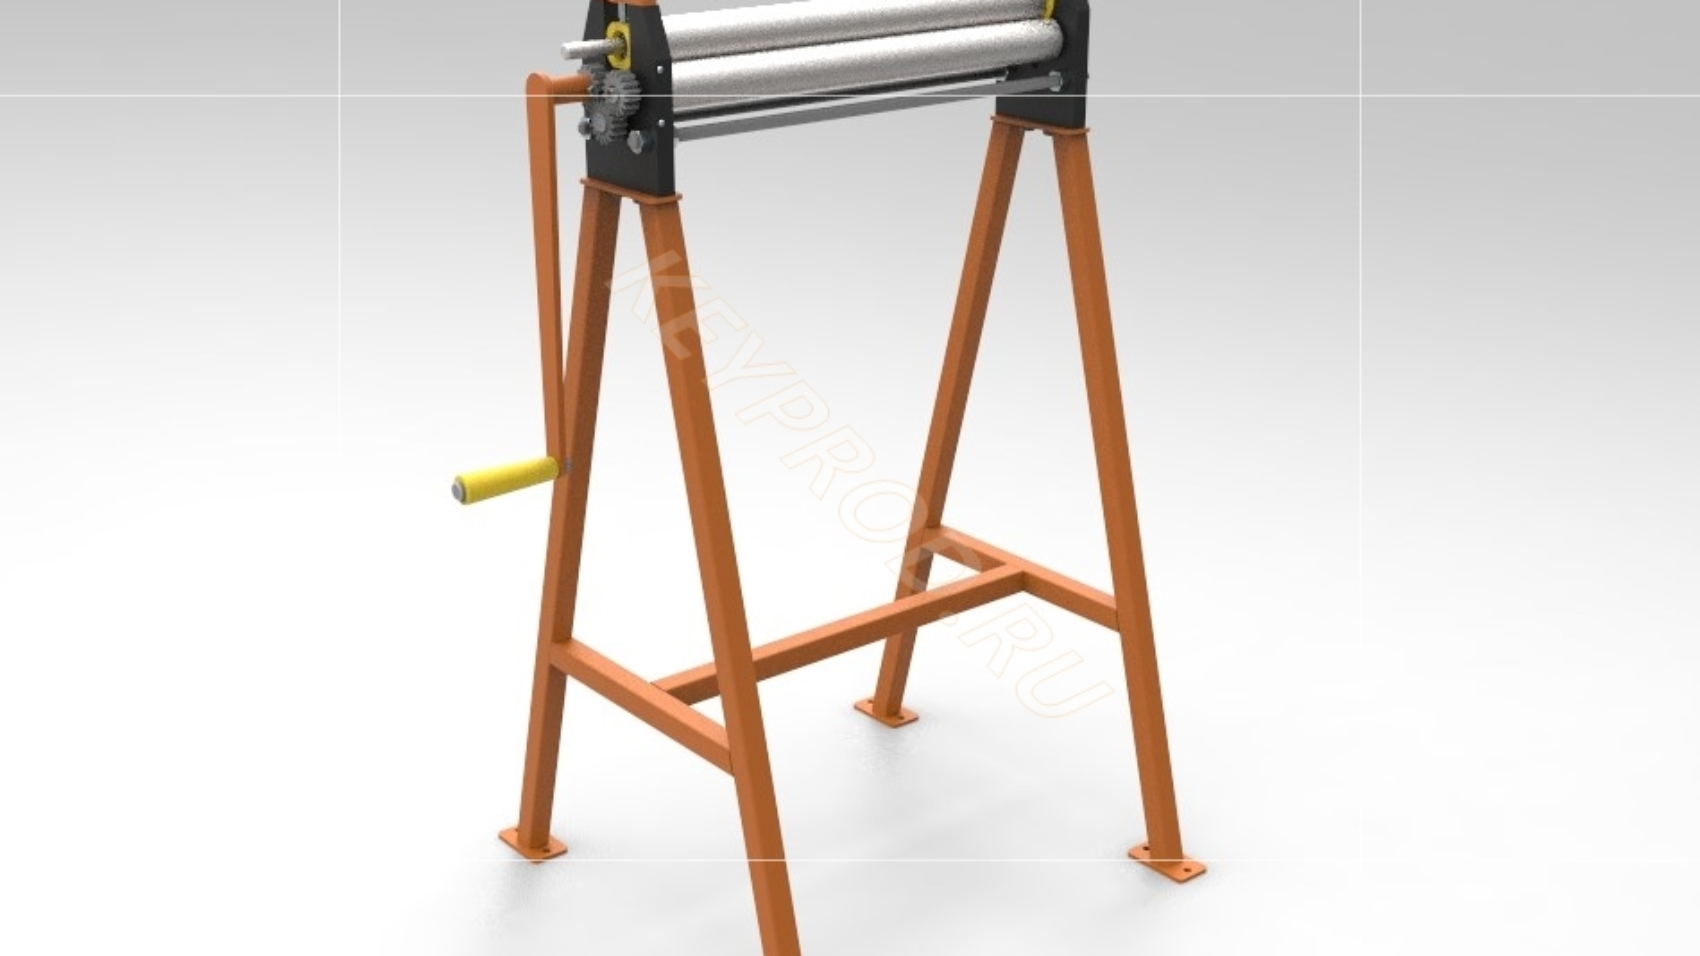 Вальцы 600 мм. 3D-модель и чертежи